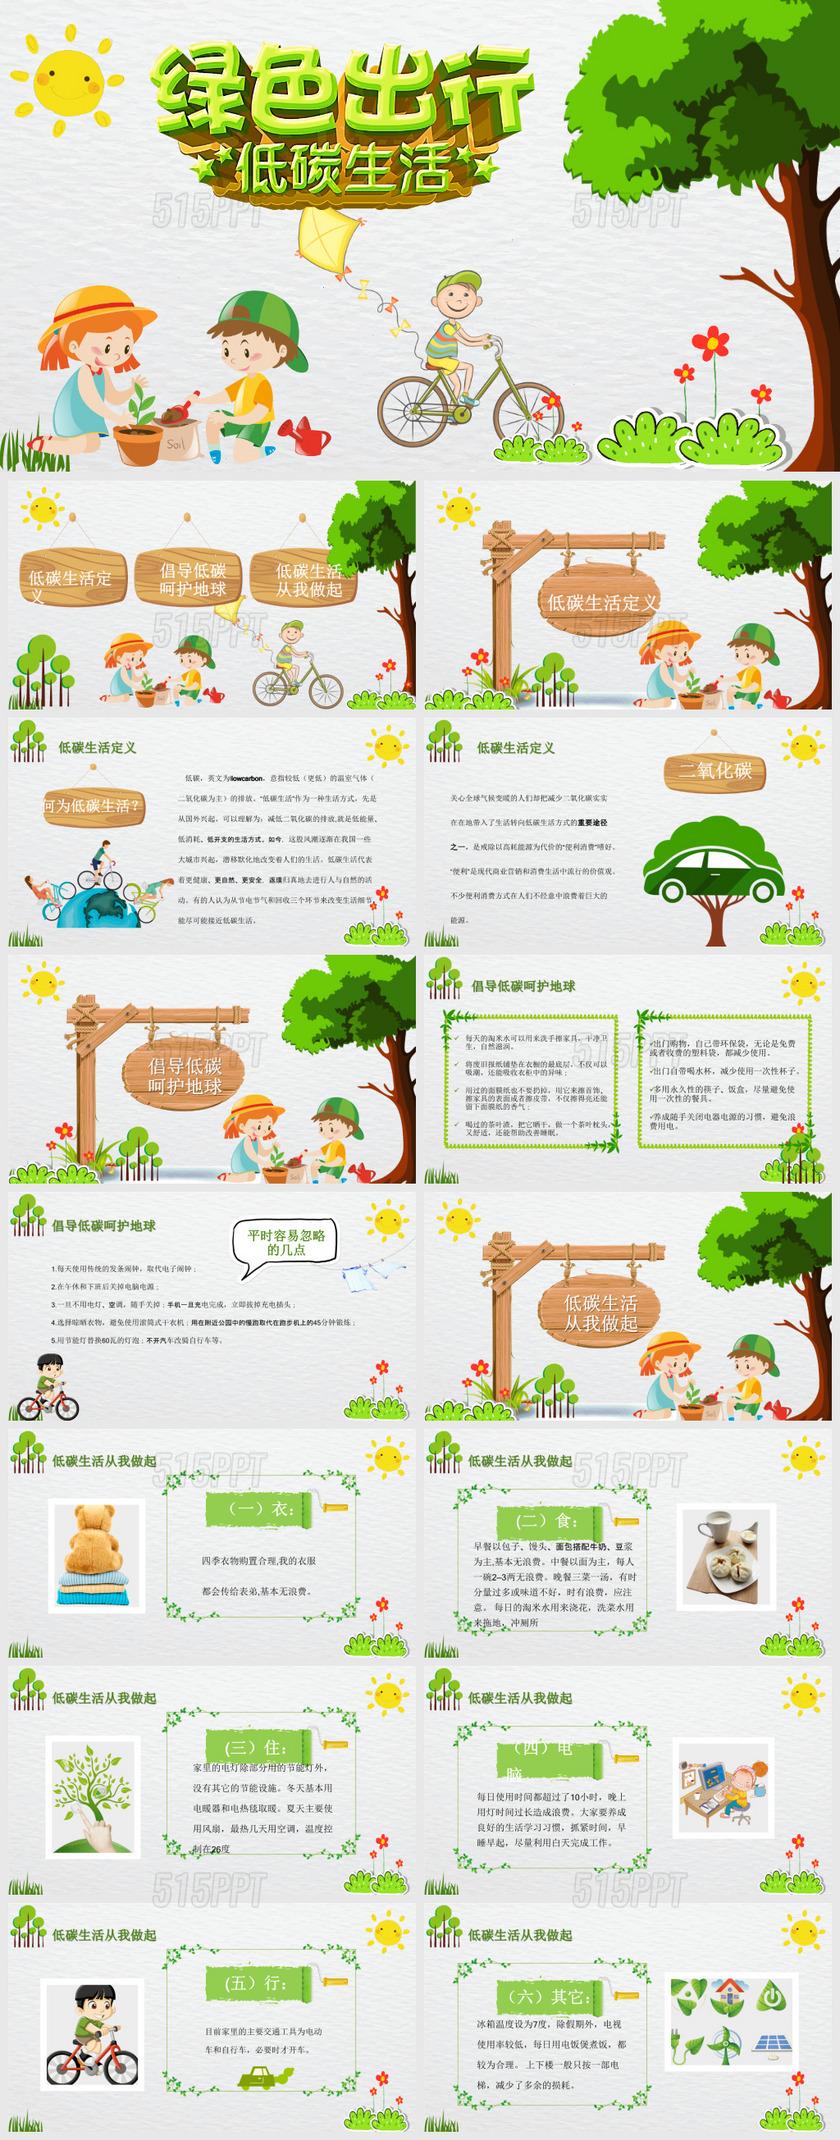 小学生环保教育_清新小学生教育宣传爱护环境绿色环保低碳出行PPT模板-515PPT